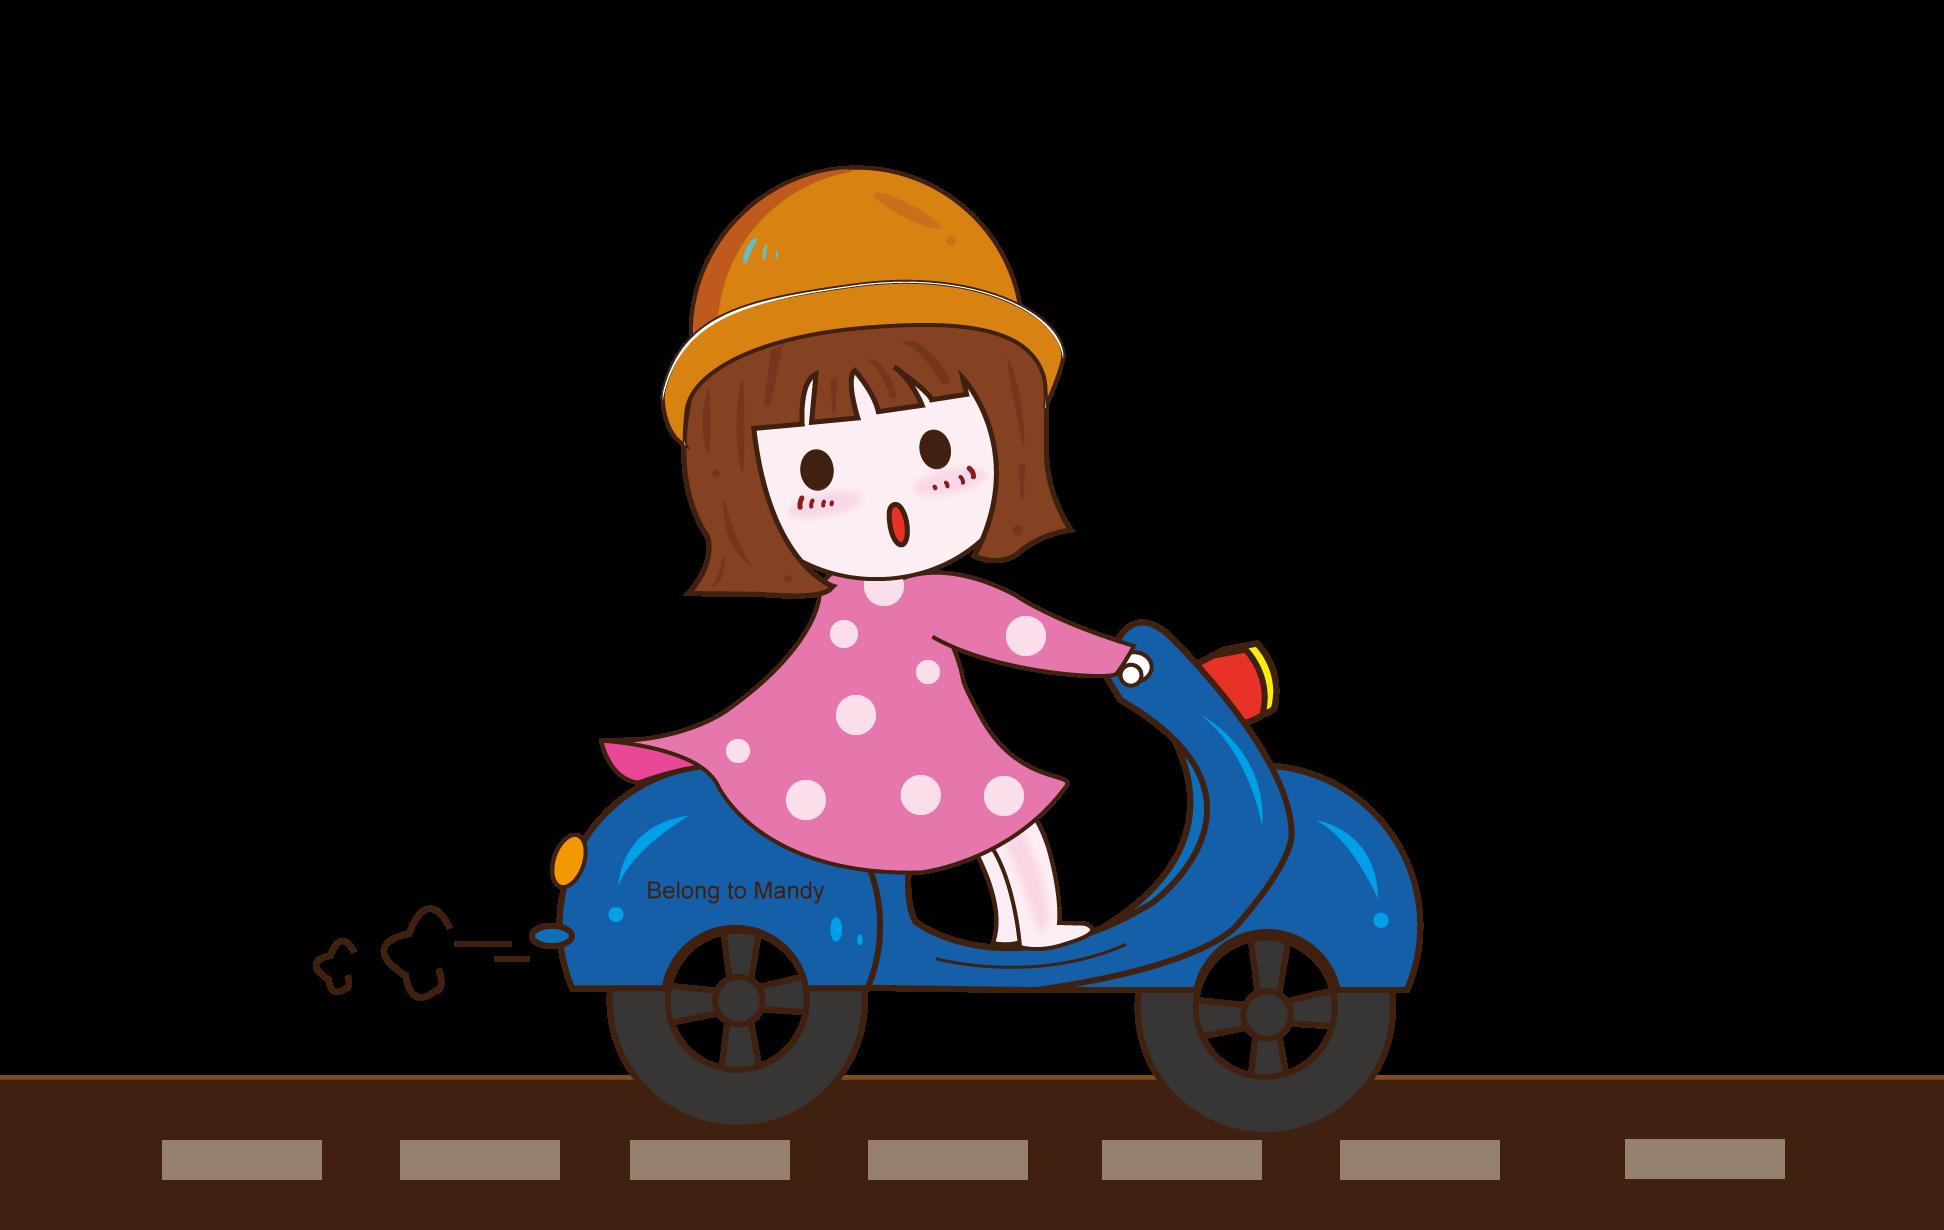 扁平化手绘骑车的小女孩!